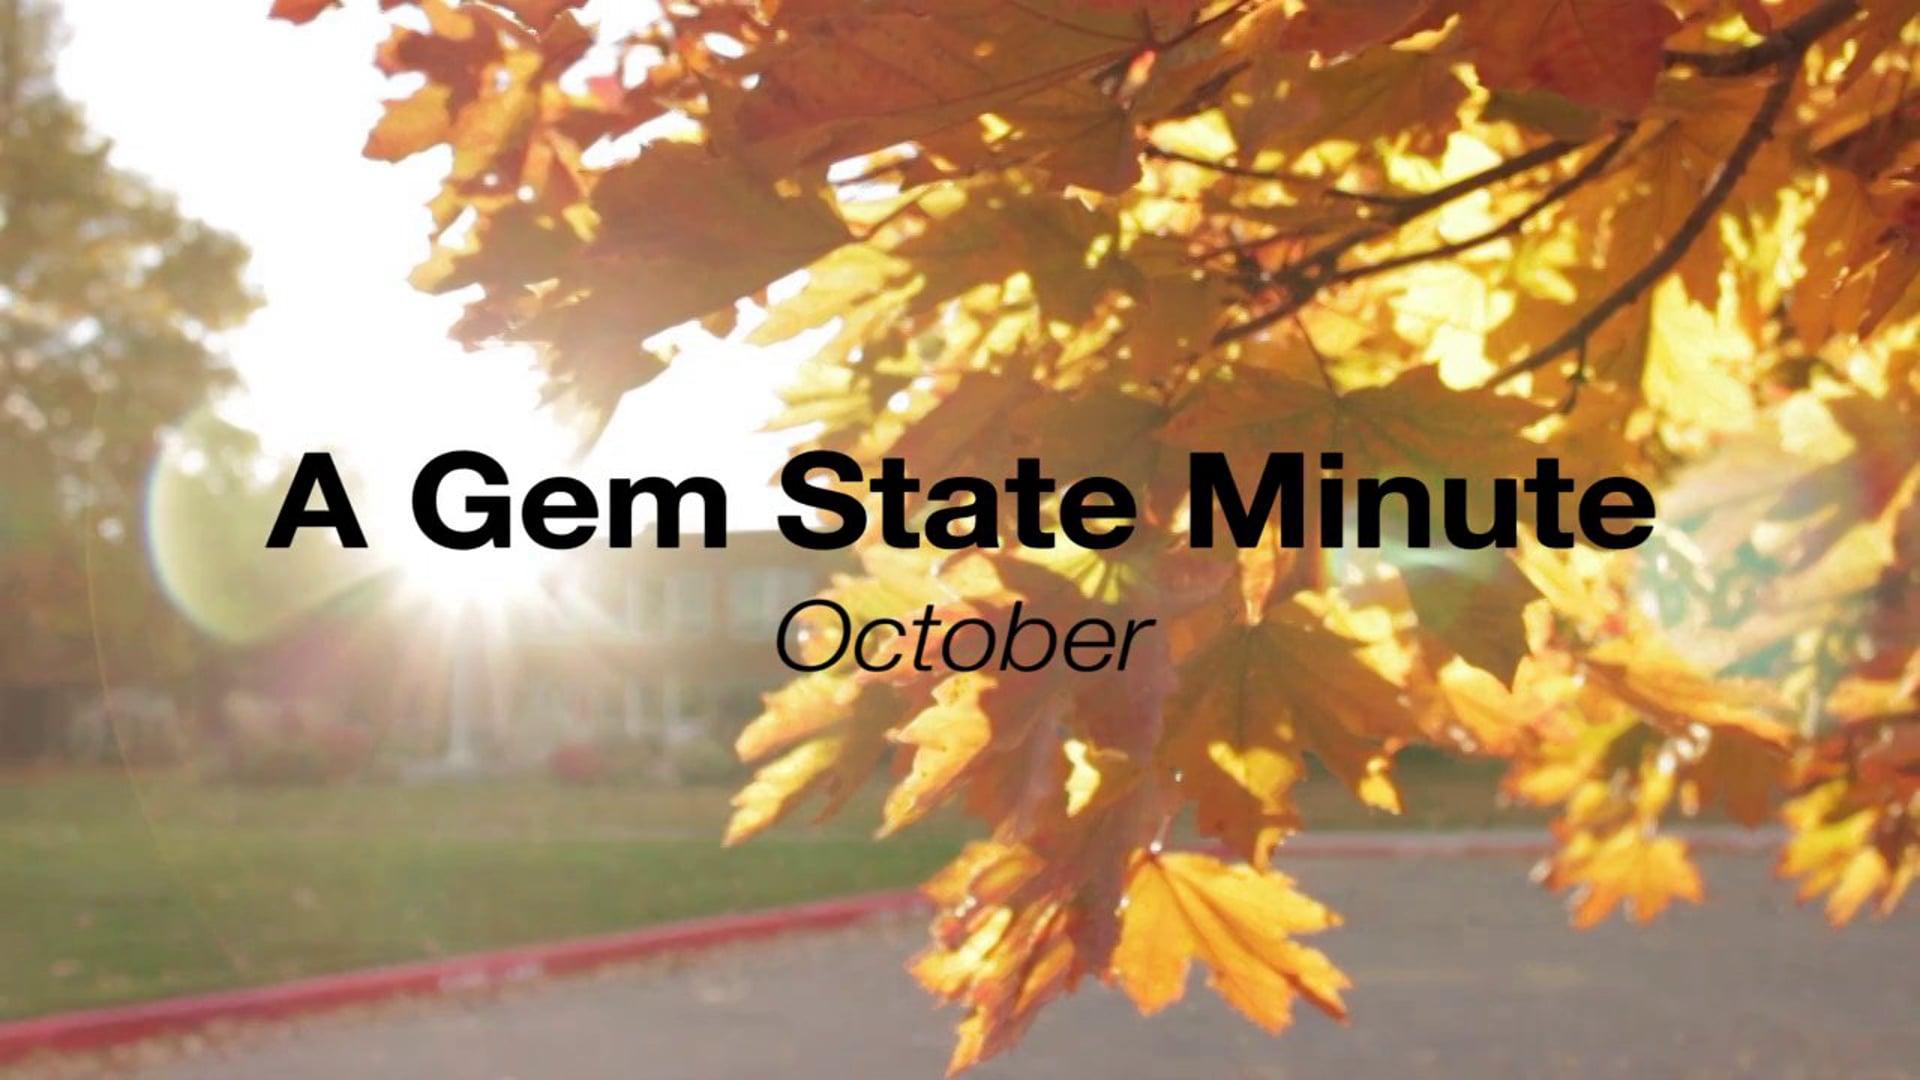 A Gem State Minute - October